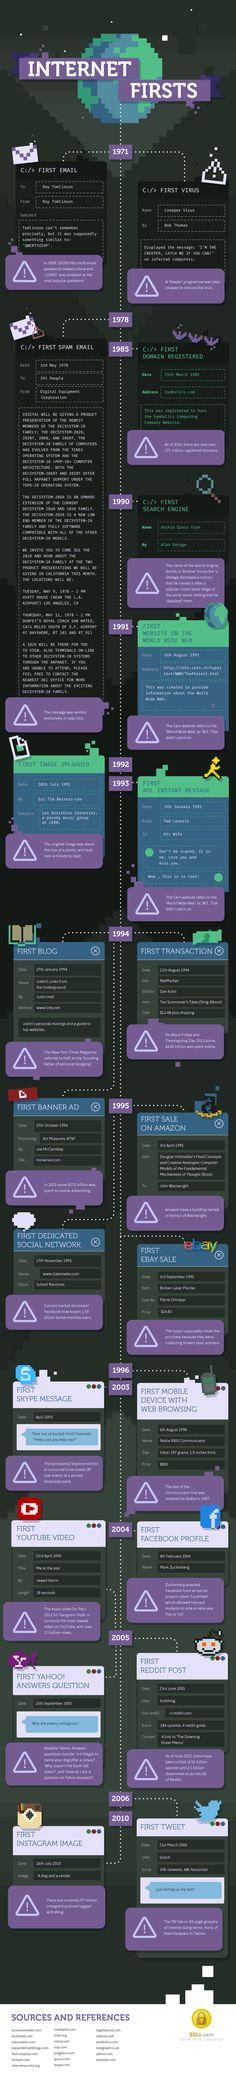 Dans cette infographie, vous allez retrouver les grandes étapes de la construction du web tel qu'on le connaît. Séquence émotion. #internet